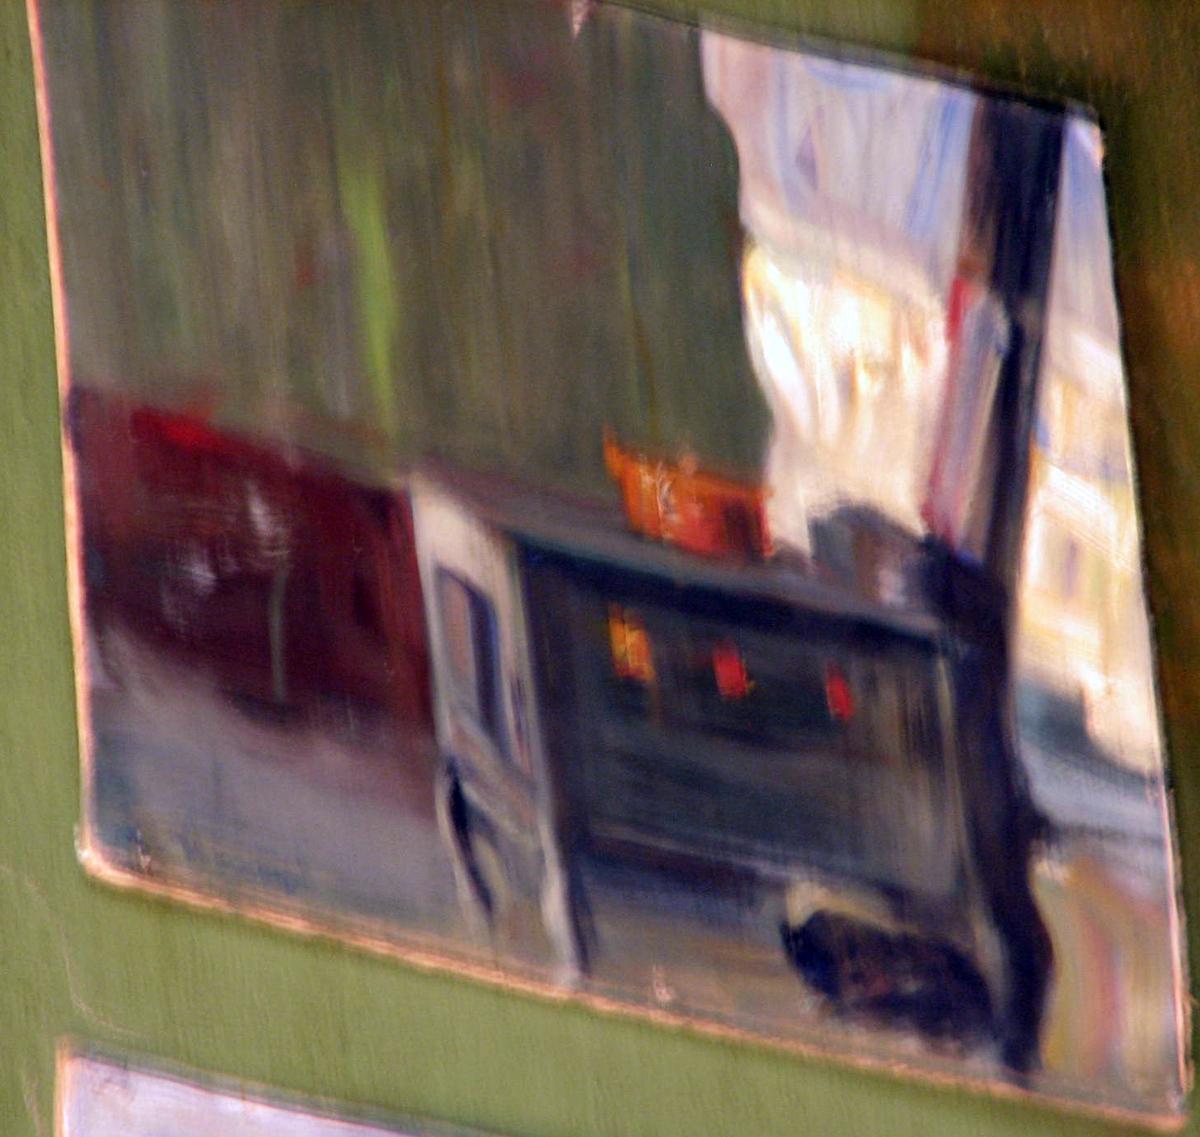 Rektangulær. Skisse; interiør, komfyr, rødbrun og grønn vegg, åpn. tilh.